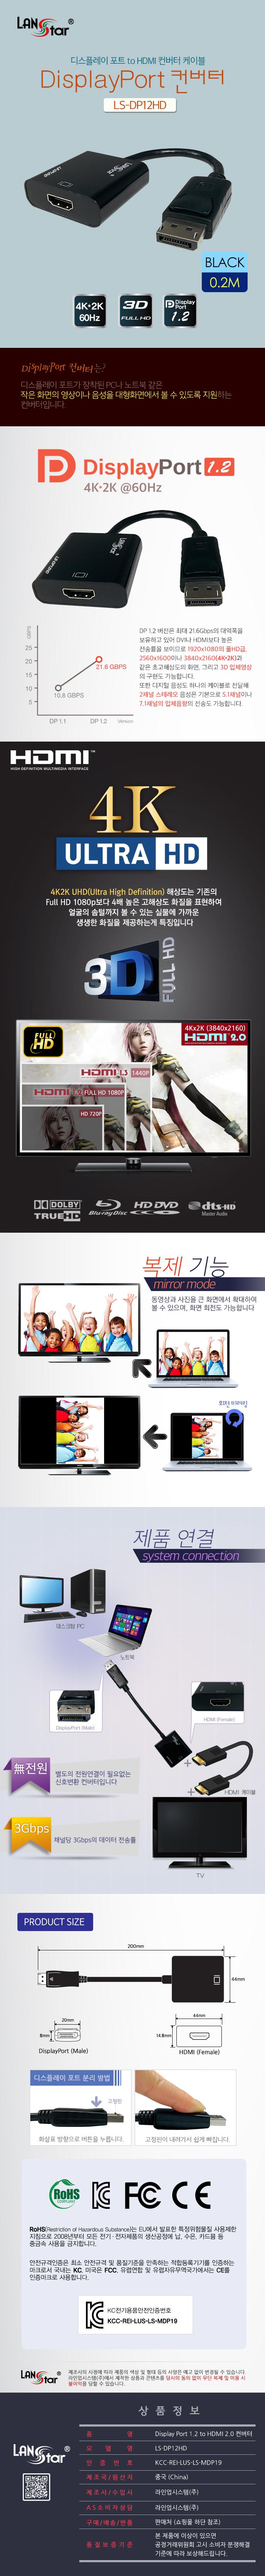 라인업시스템 LANSTAR DisplayPort 1.2 to HDMI 2.0 컨버터 (LS-DP12HD)